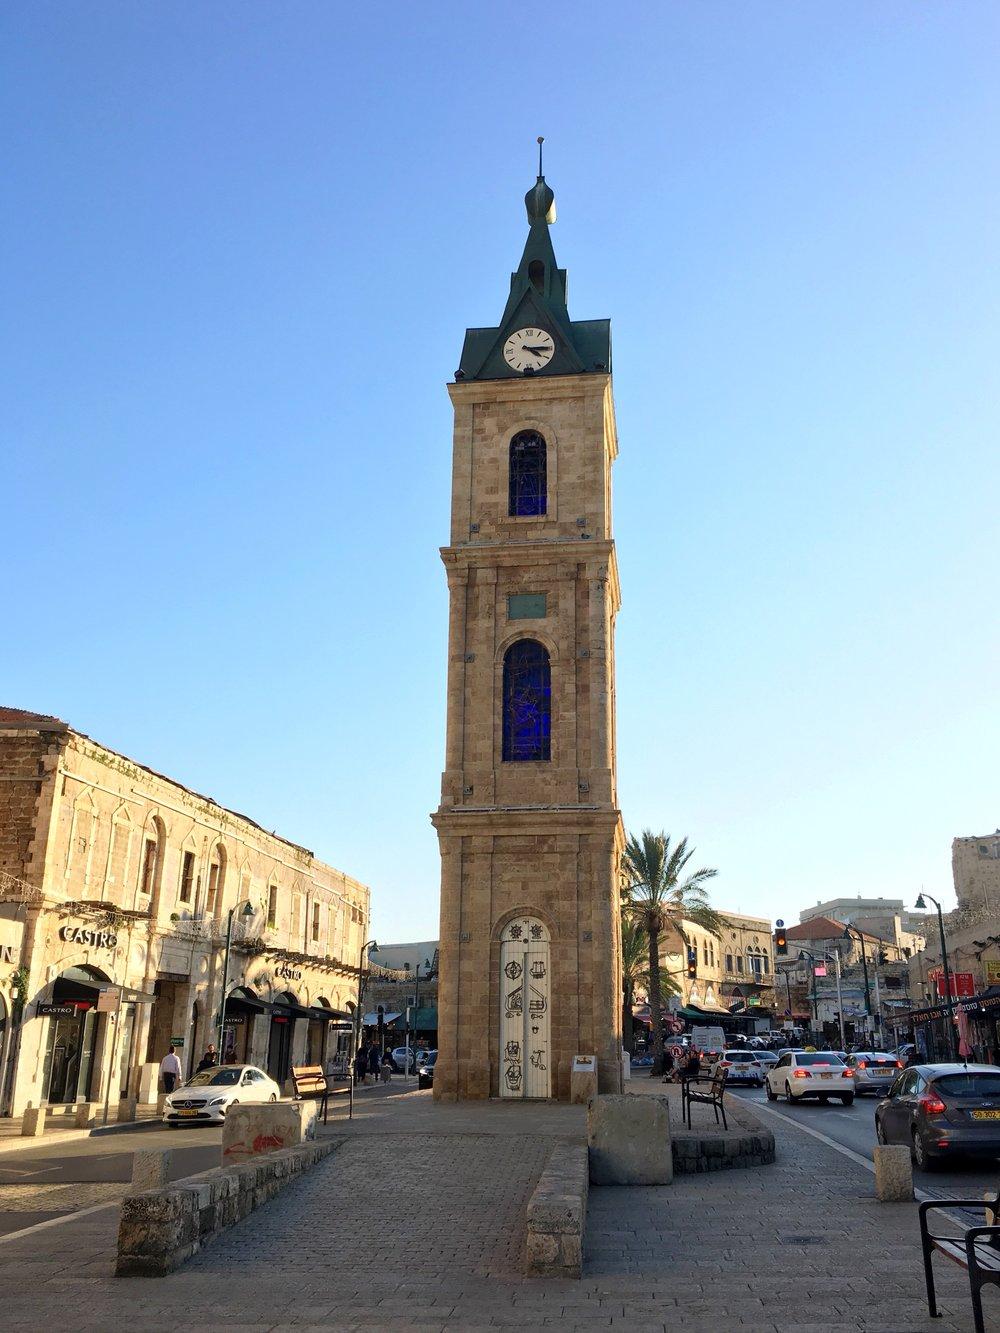 jaffa clock tower.JPG